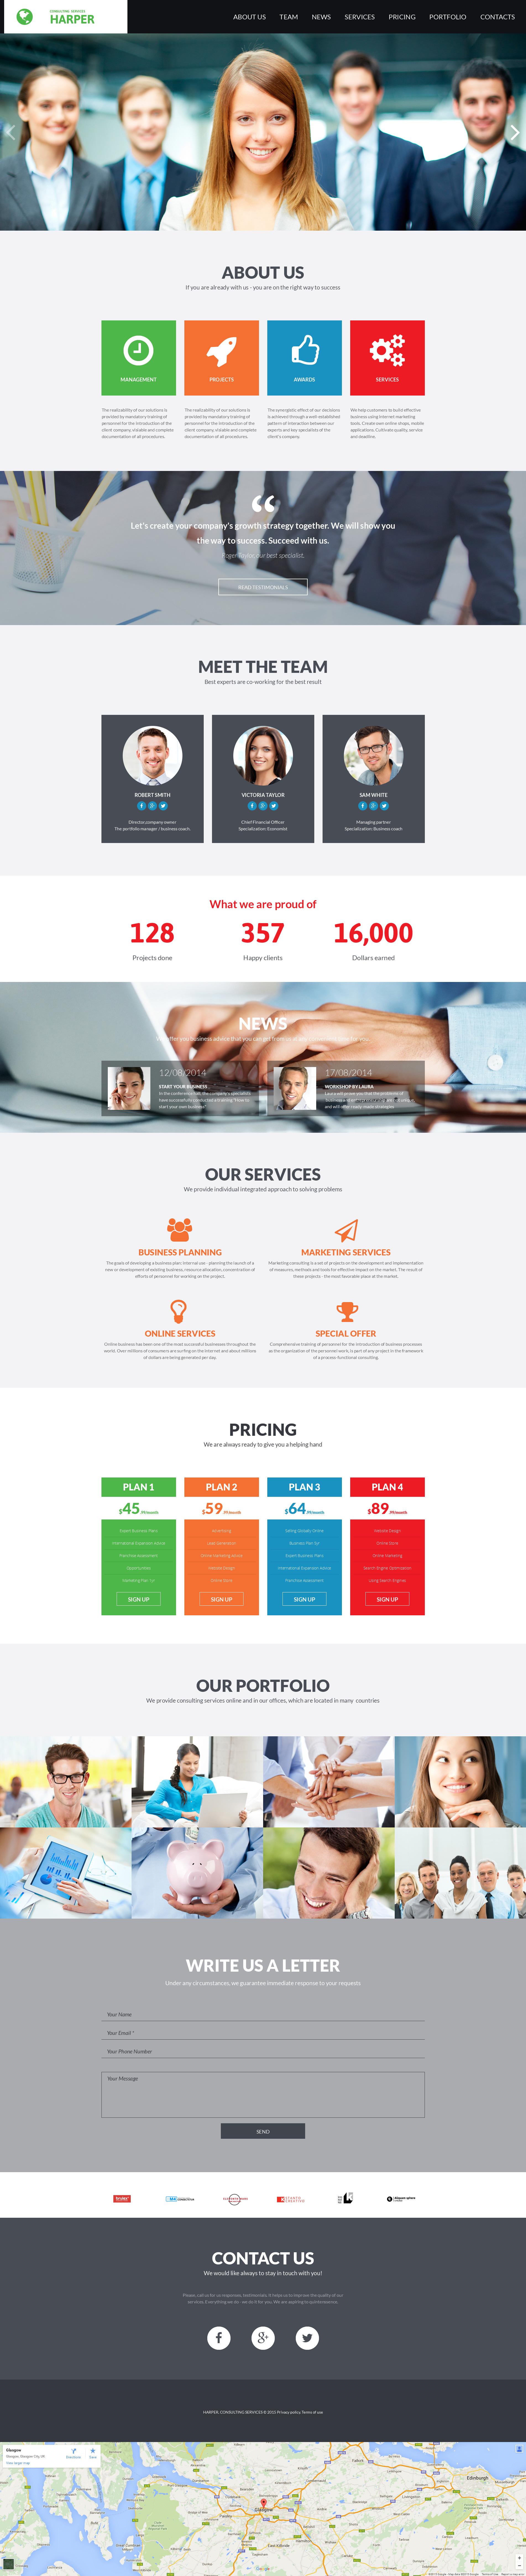 Responsywny szablon Moto CMS 3 #55538 na temat: usługi doradcze - zrzut ekranu